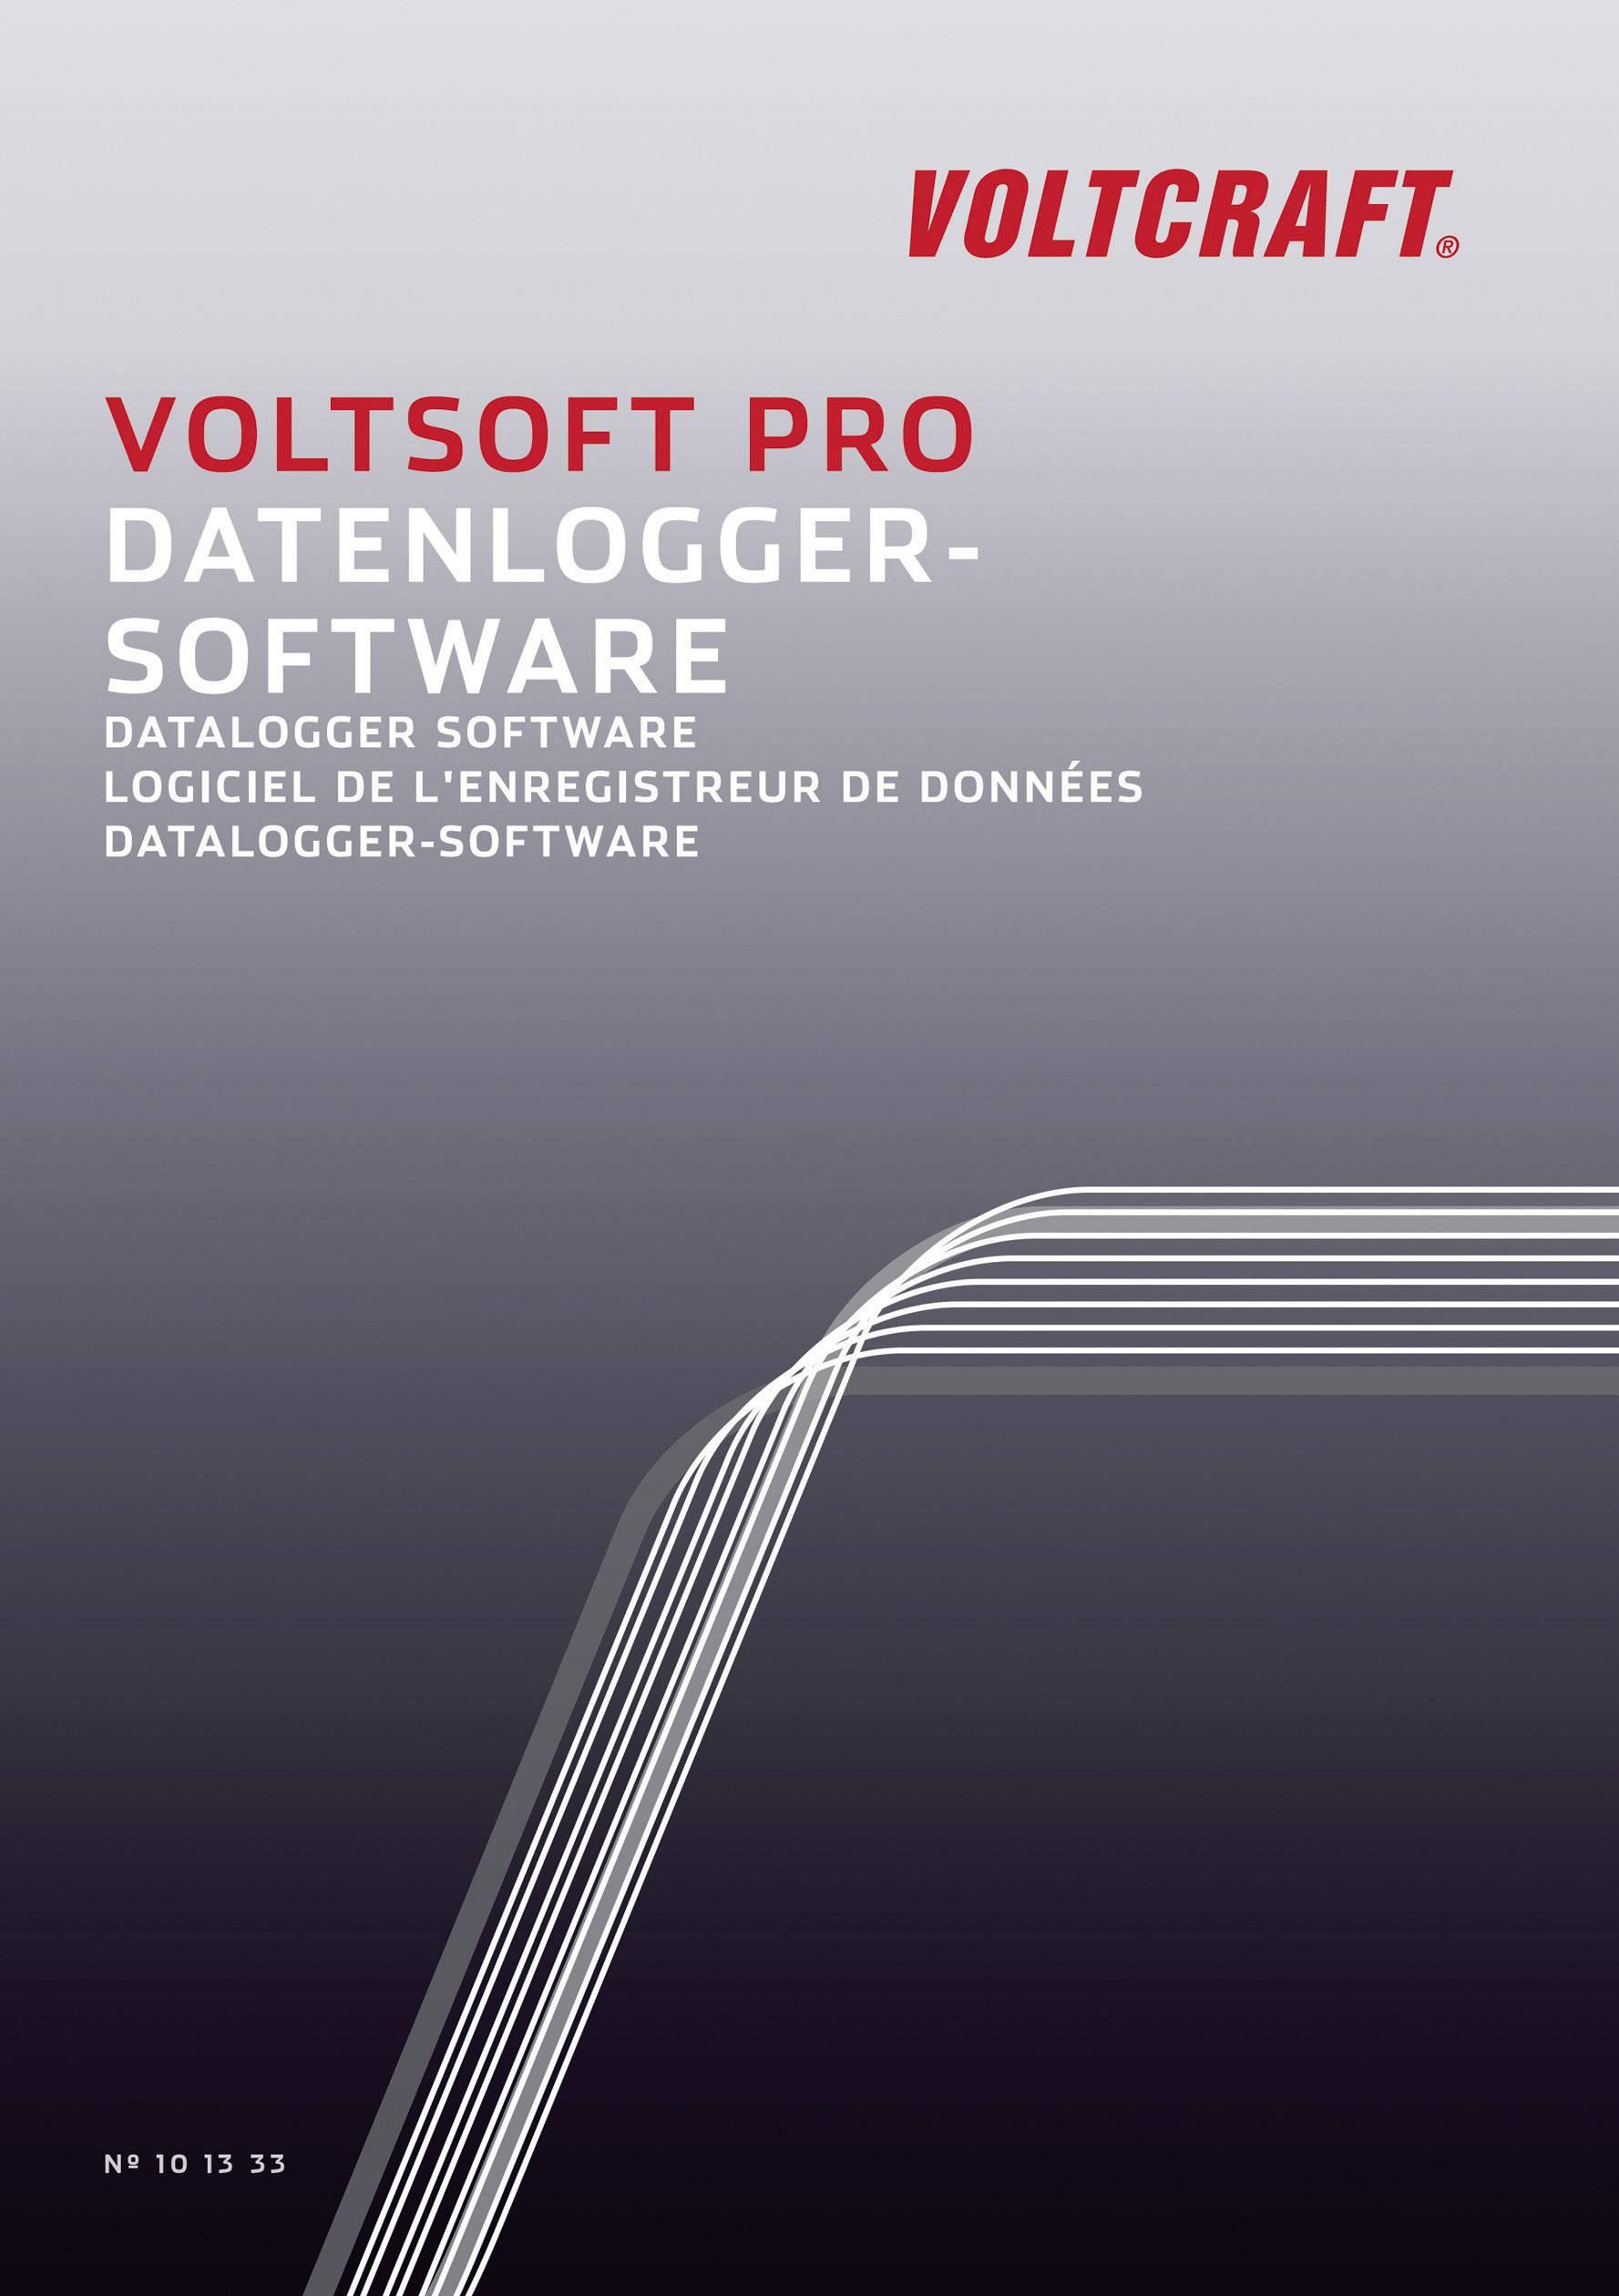 VoltSoft PRO - software pro dataloggery Voltcraft